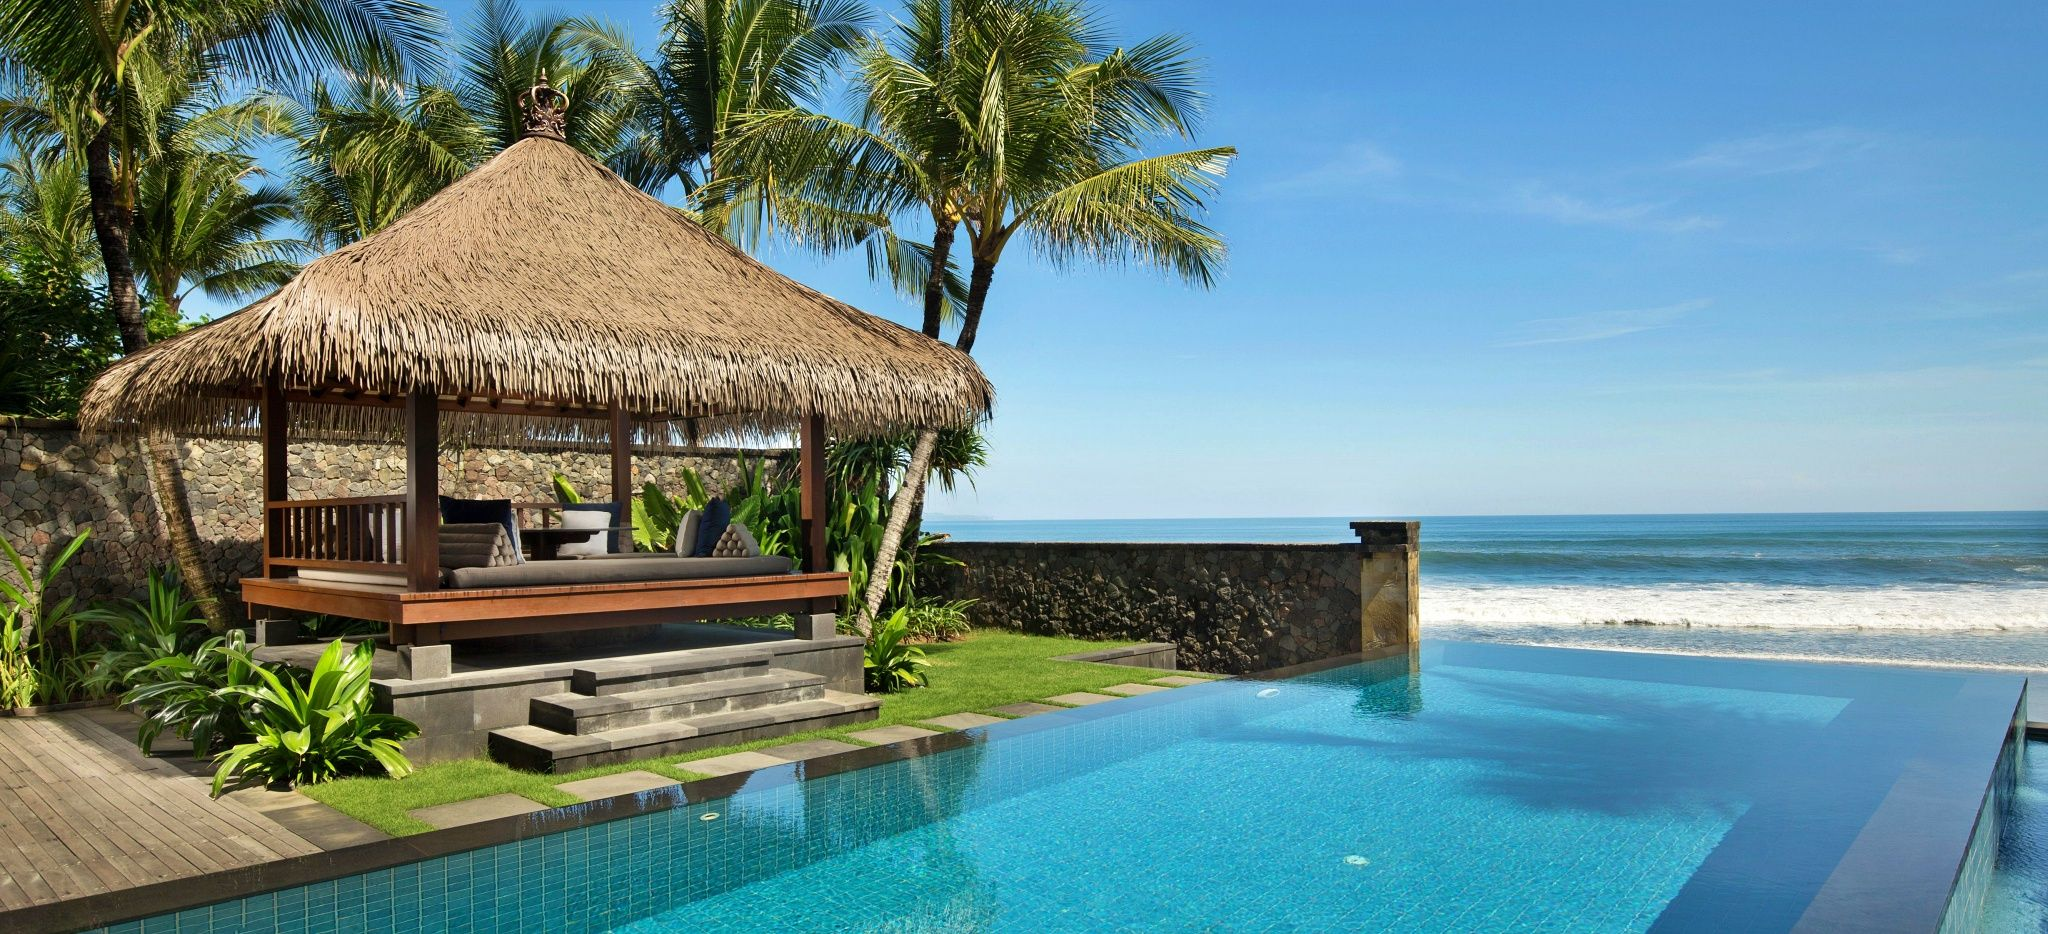 """Ein pavillon neben einem Pool direkt am Strand. Im Hotel """"The Legian"""" auf Bali"""